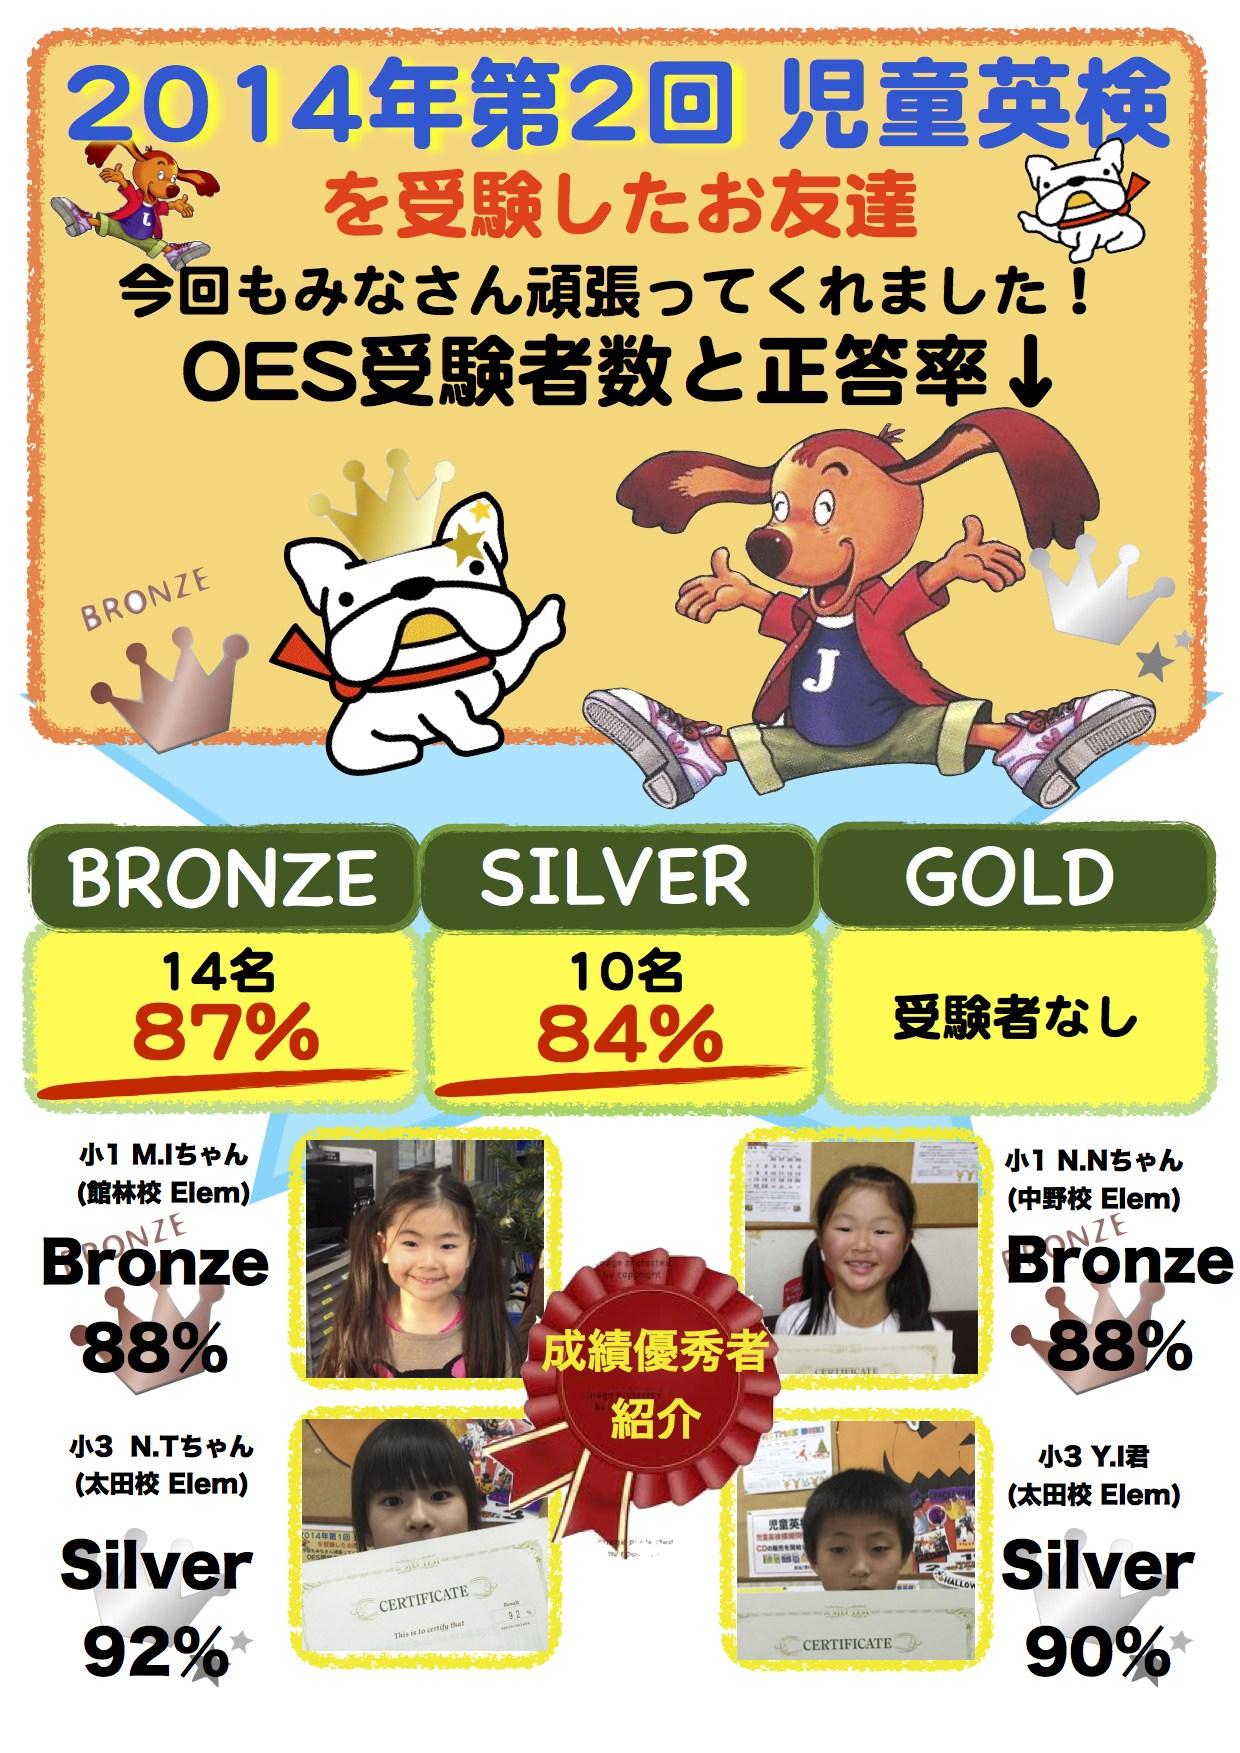 生徒写真入り 2014-2回児童英検 結果報告 ポスター (TES,NK,全体,WEB用)